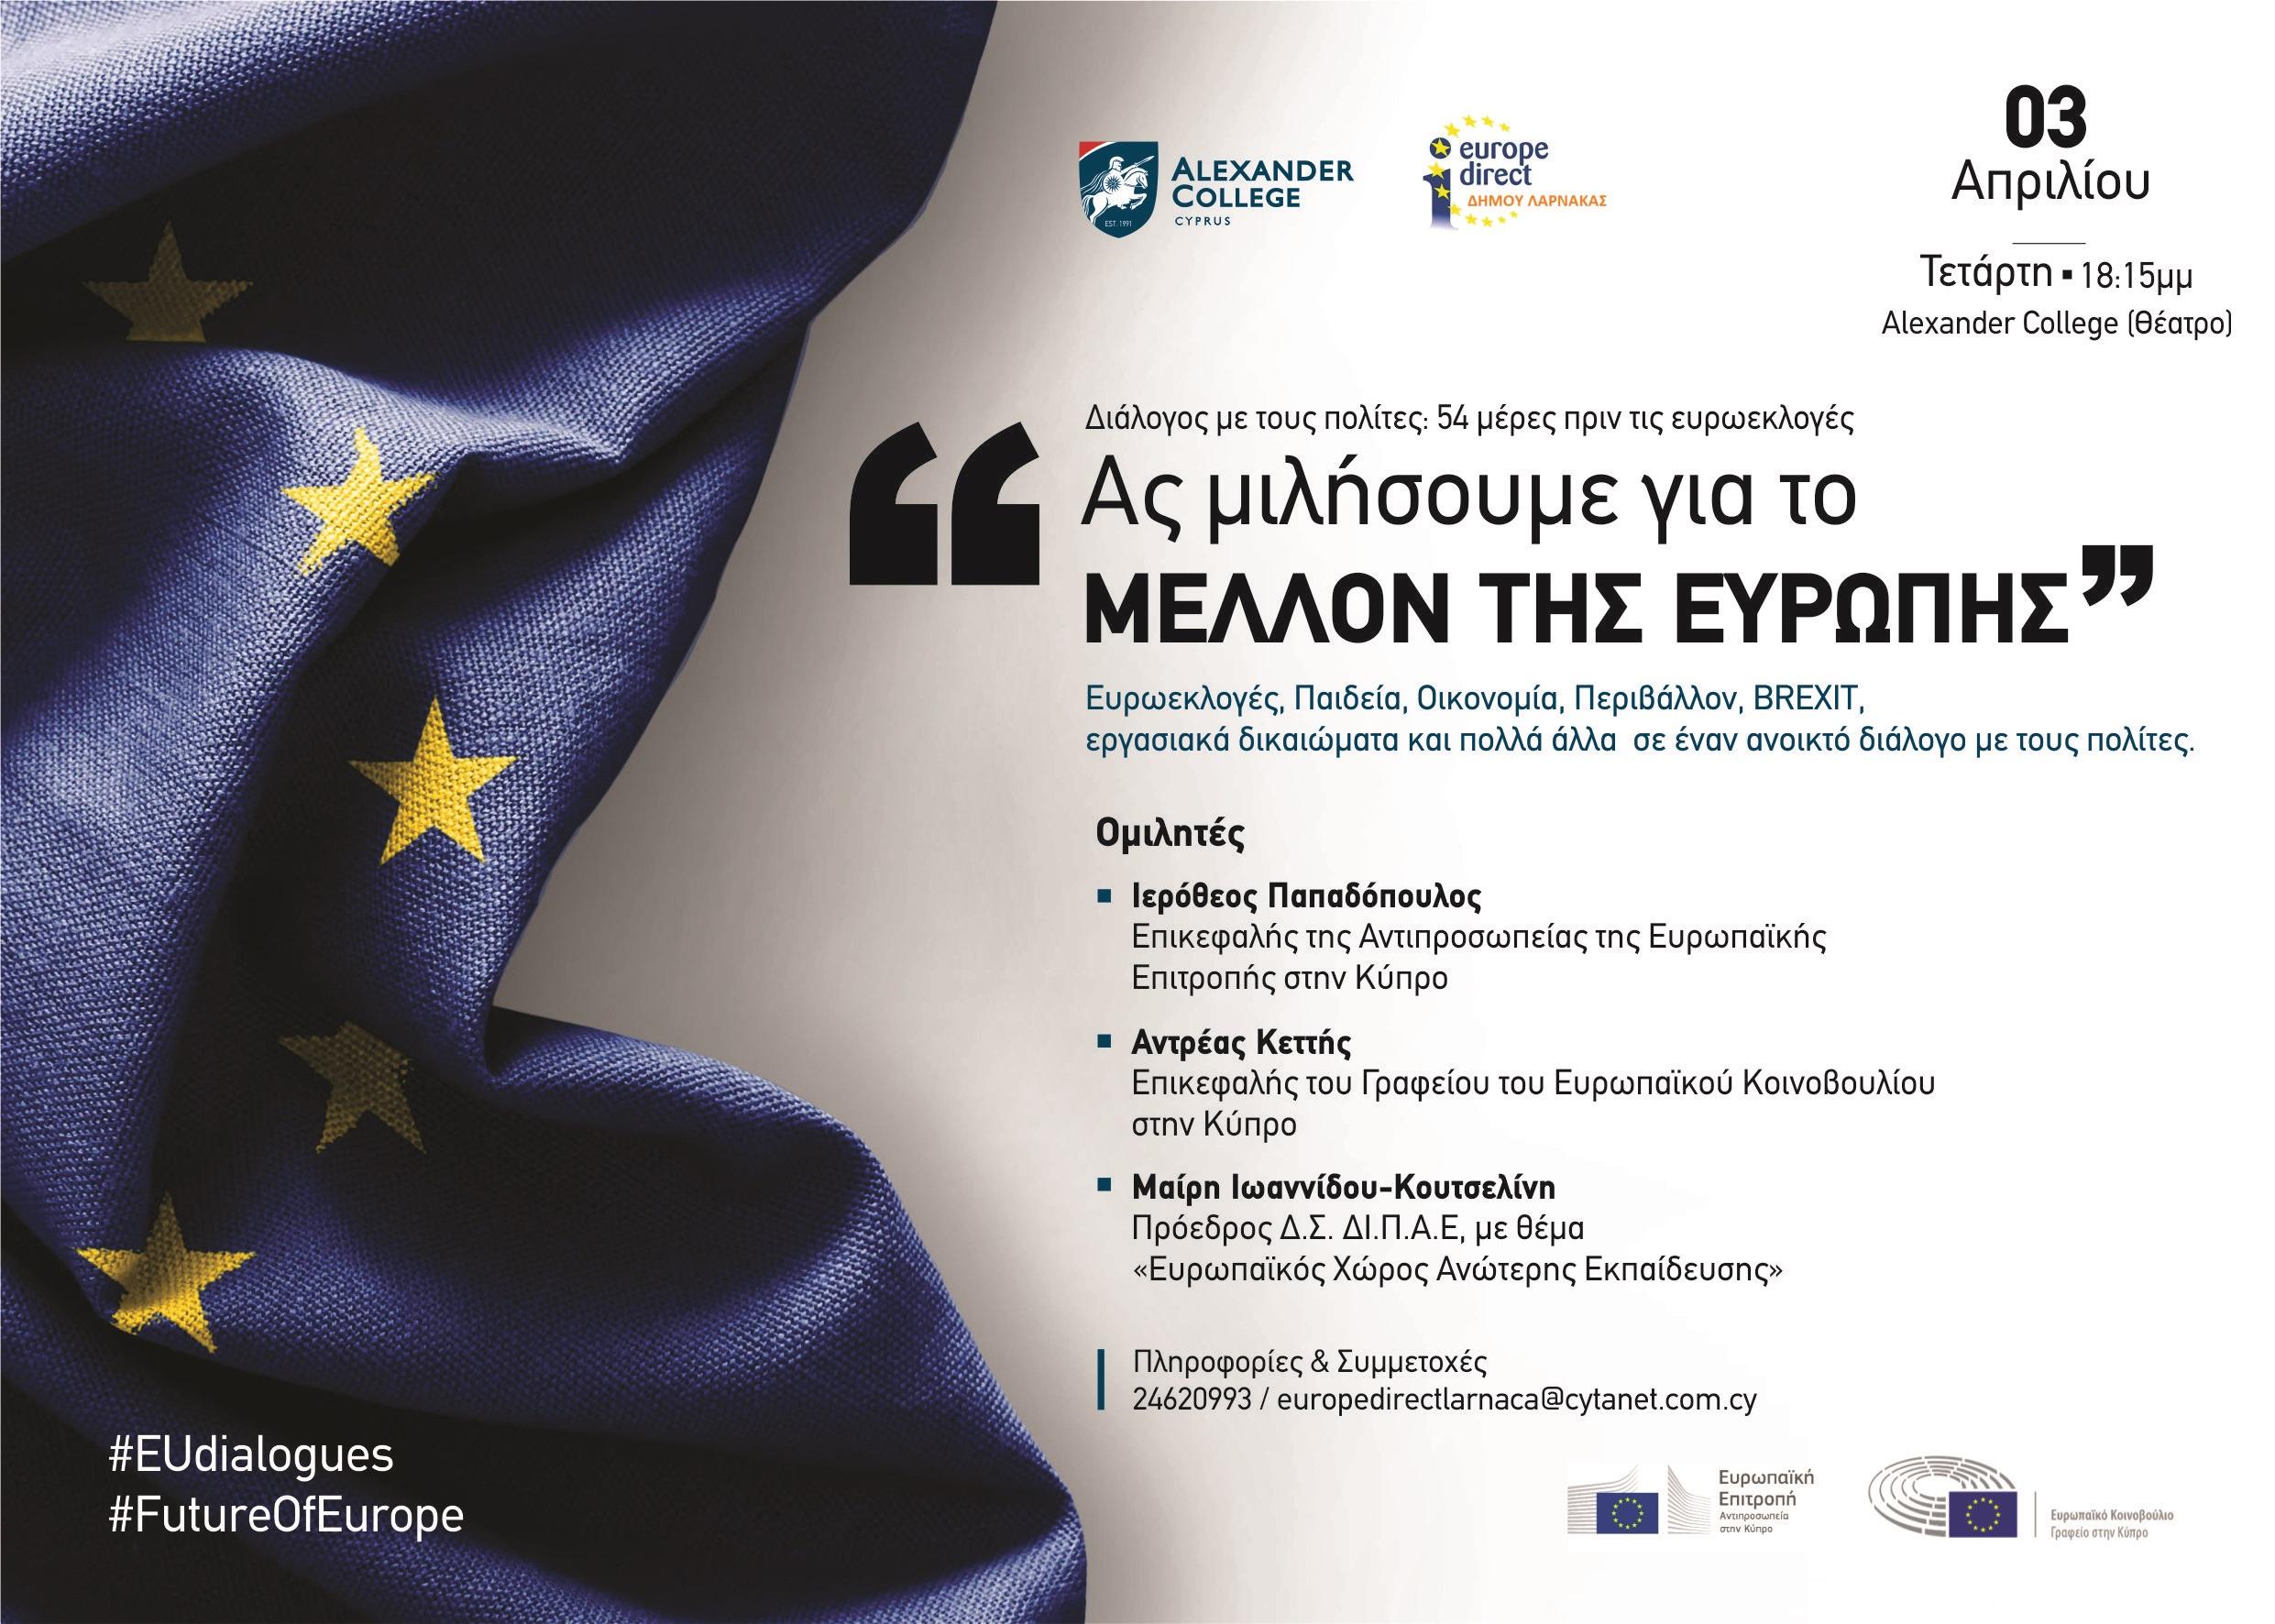 «Διάλογος με τους Πολίτες: 54 Μέρες πριν τις Ευρωεκλογές»